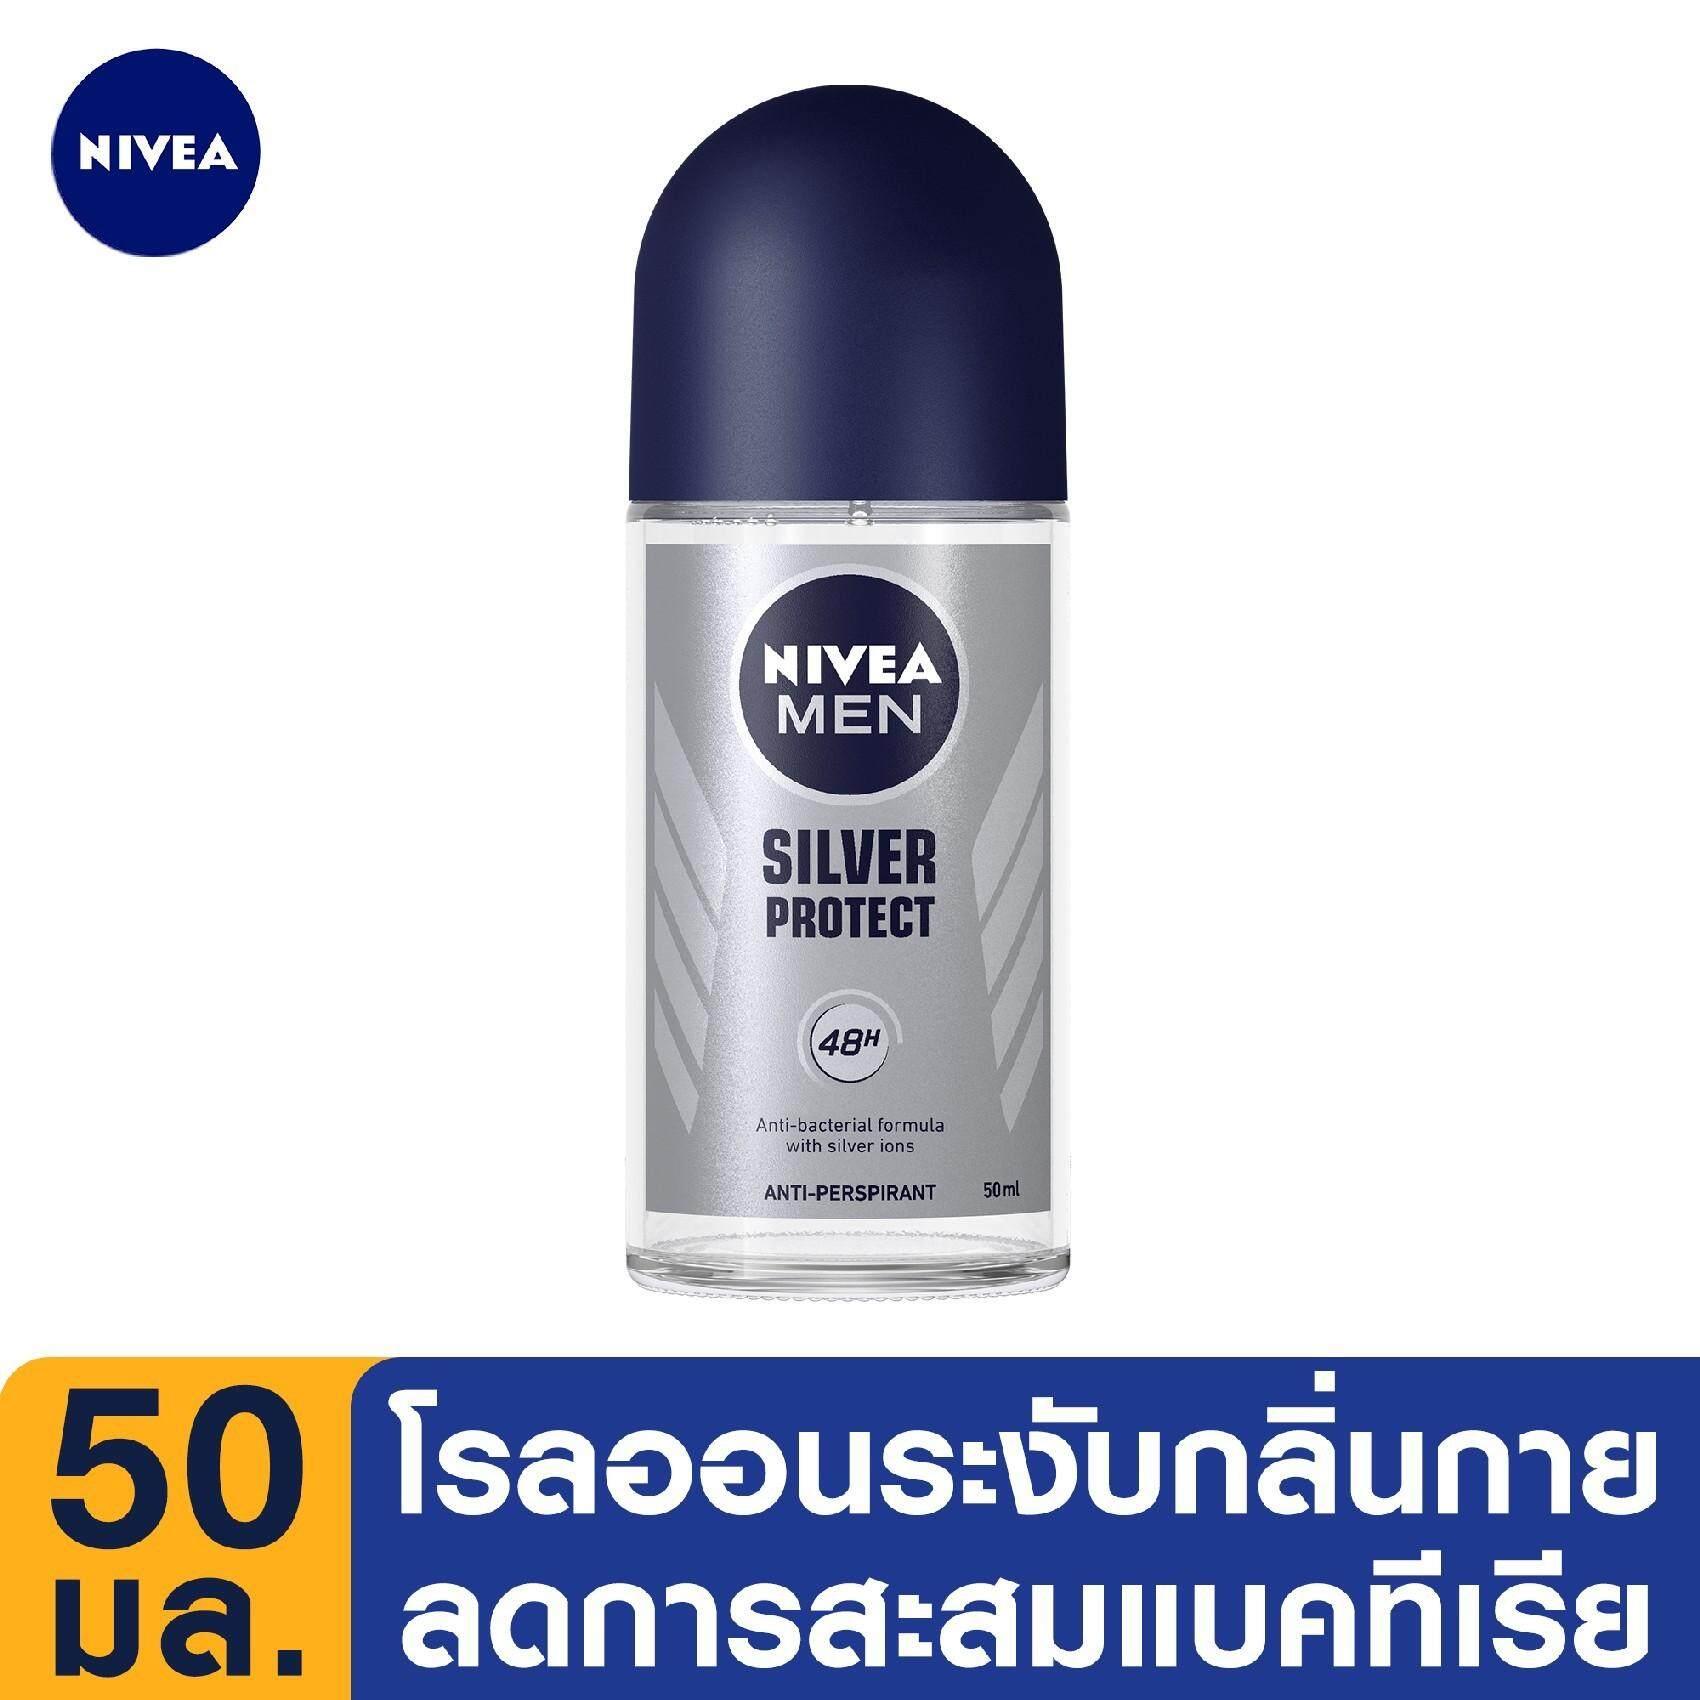 นีเวีย ดีโอ เมน ซิลเวอร์ โพรเทค โรลออน ระงับกลิ่นกาย 50 มล. NIVEA Deo MEN Silver Protect Roll on 50 ml.